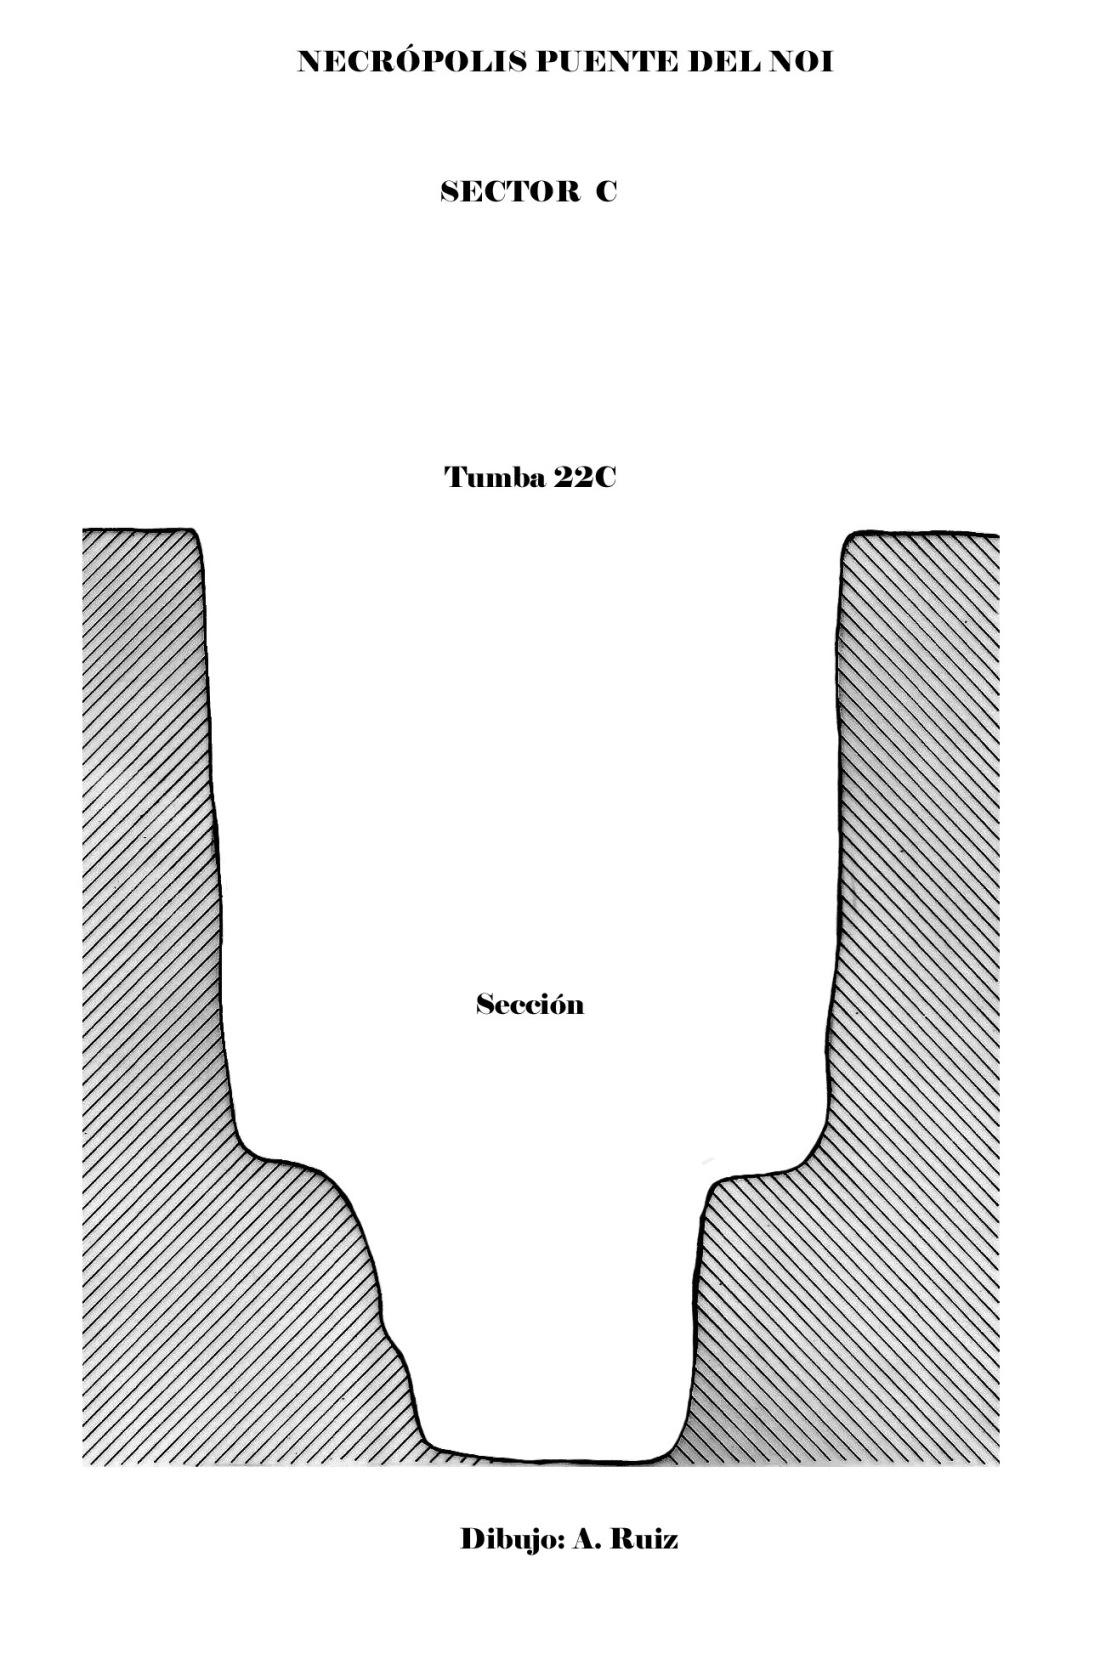 22-1Puente del Noi sector 22C 1 cabecera y pie copia (2)